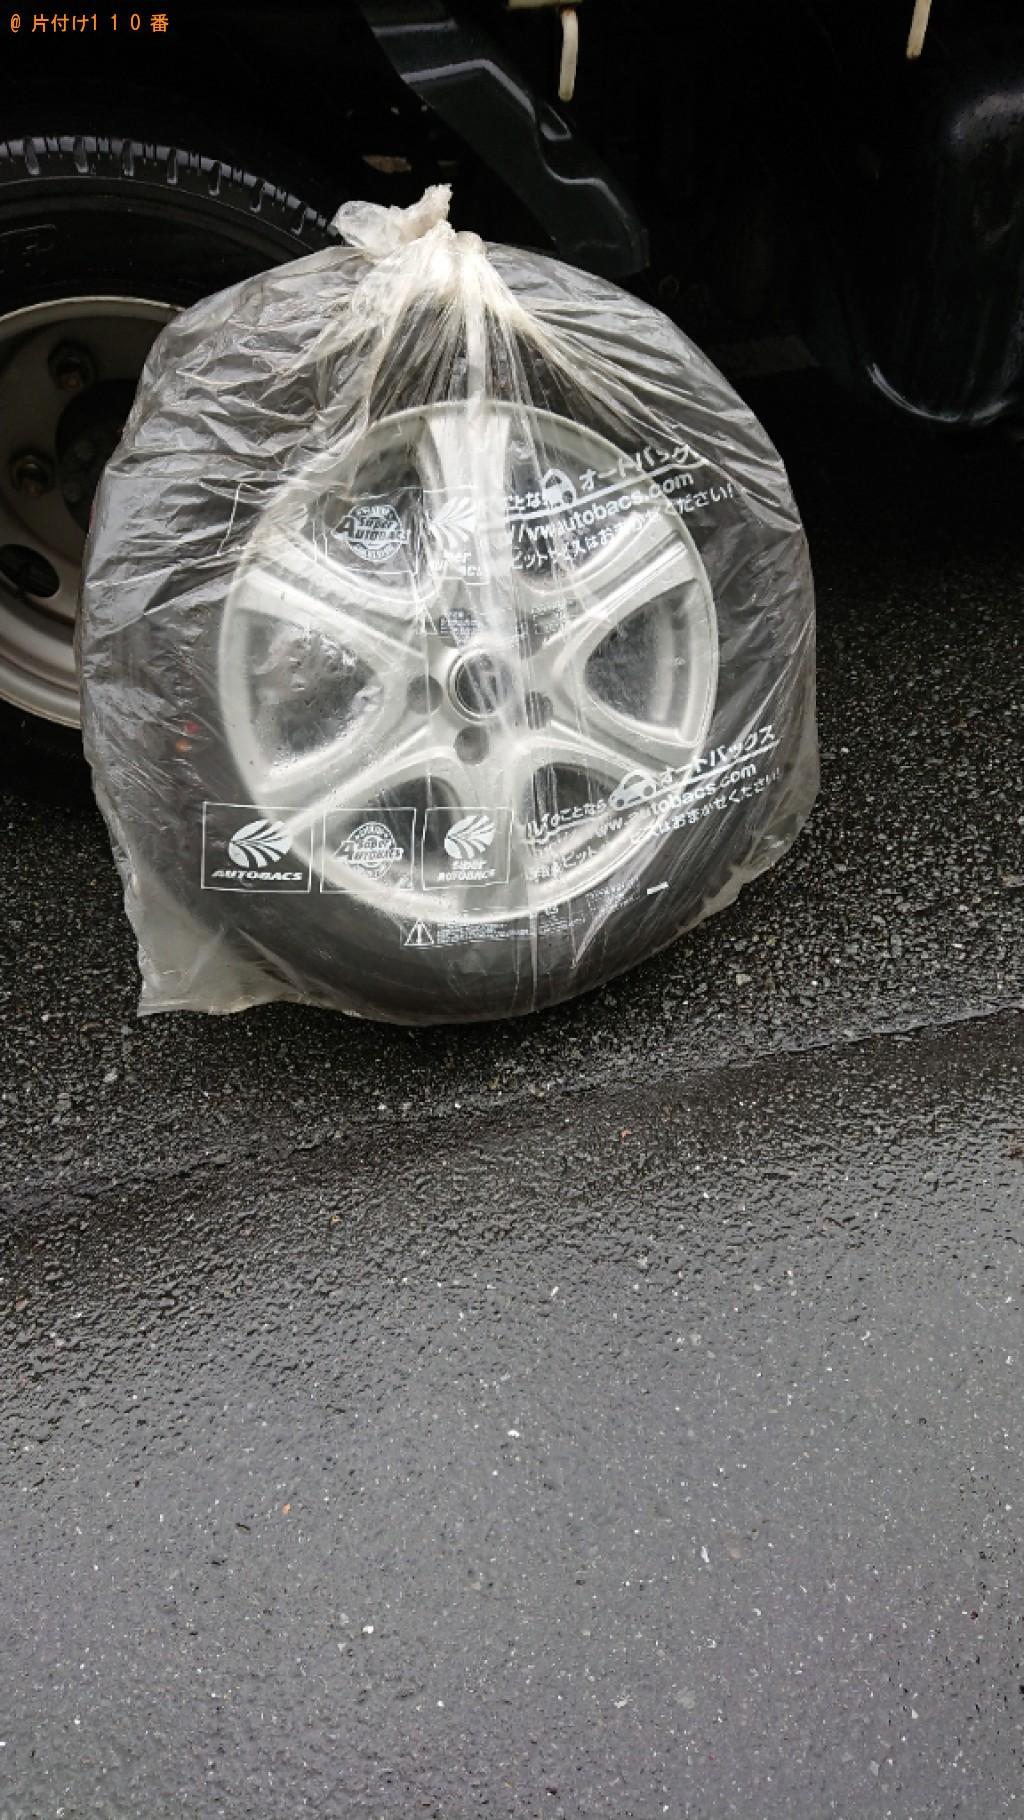 【世田谷区】自動車タイヤの回収・処分ご依頼 お客様の声